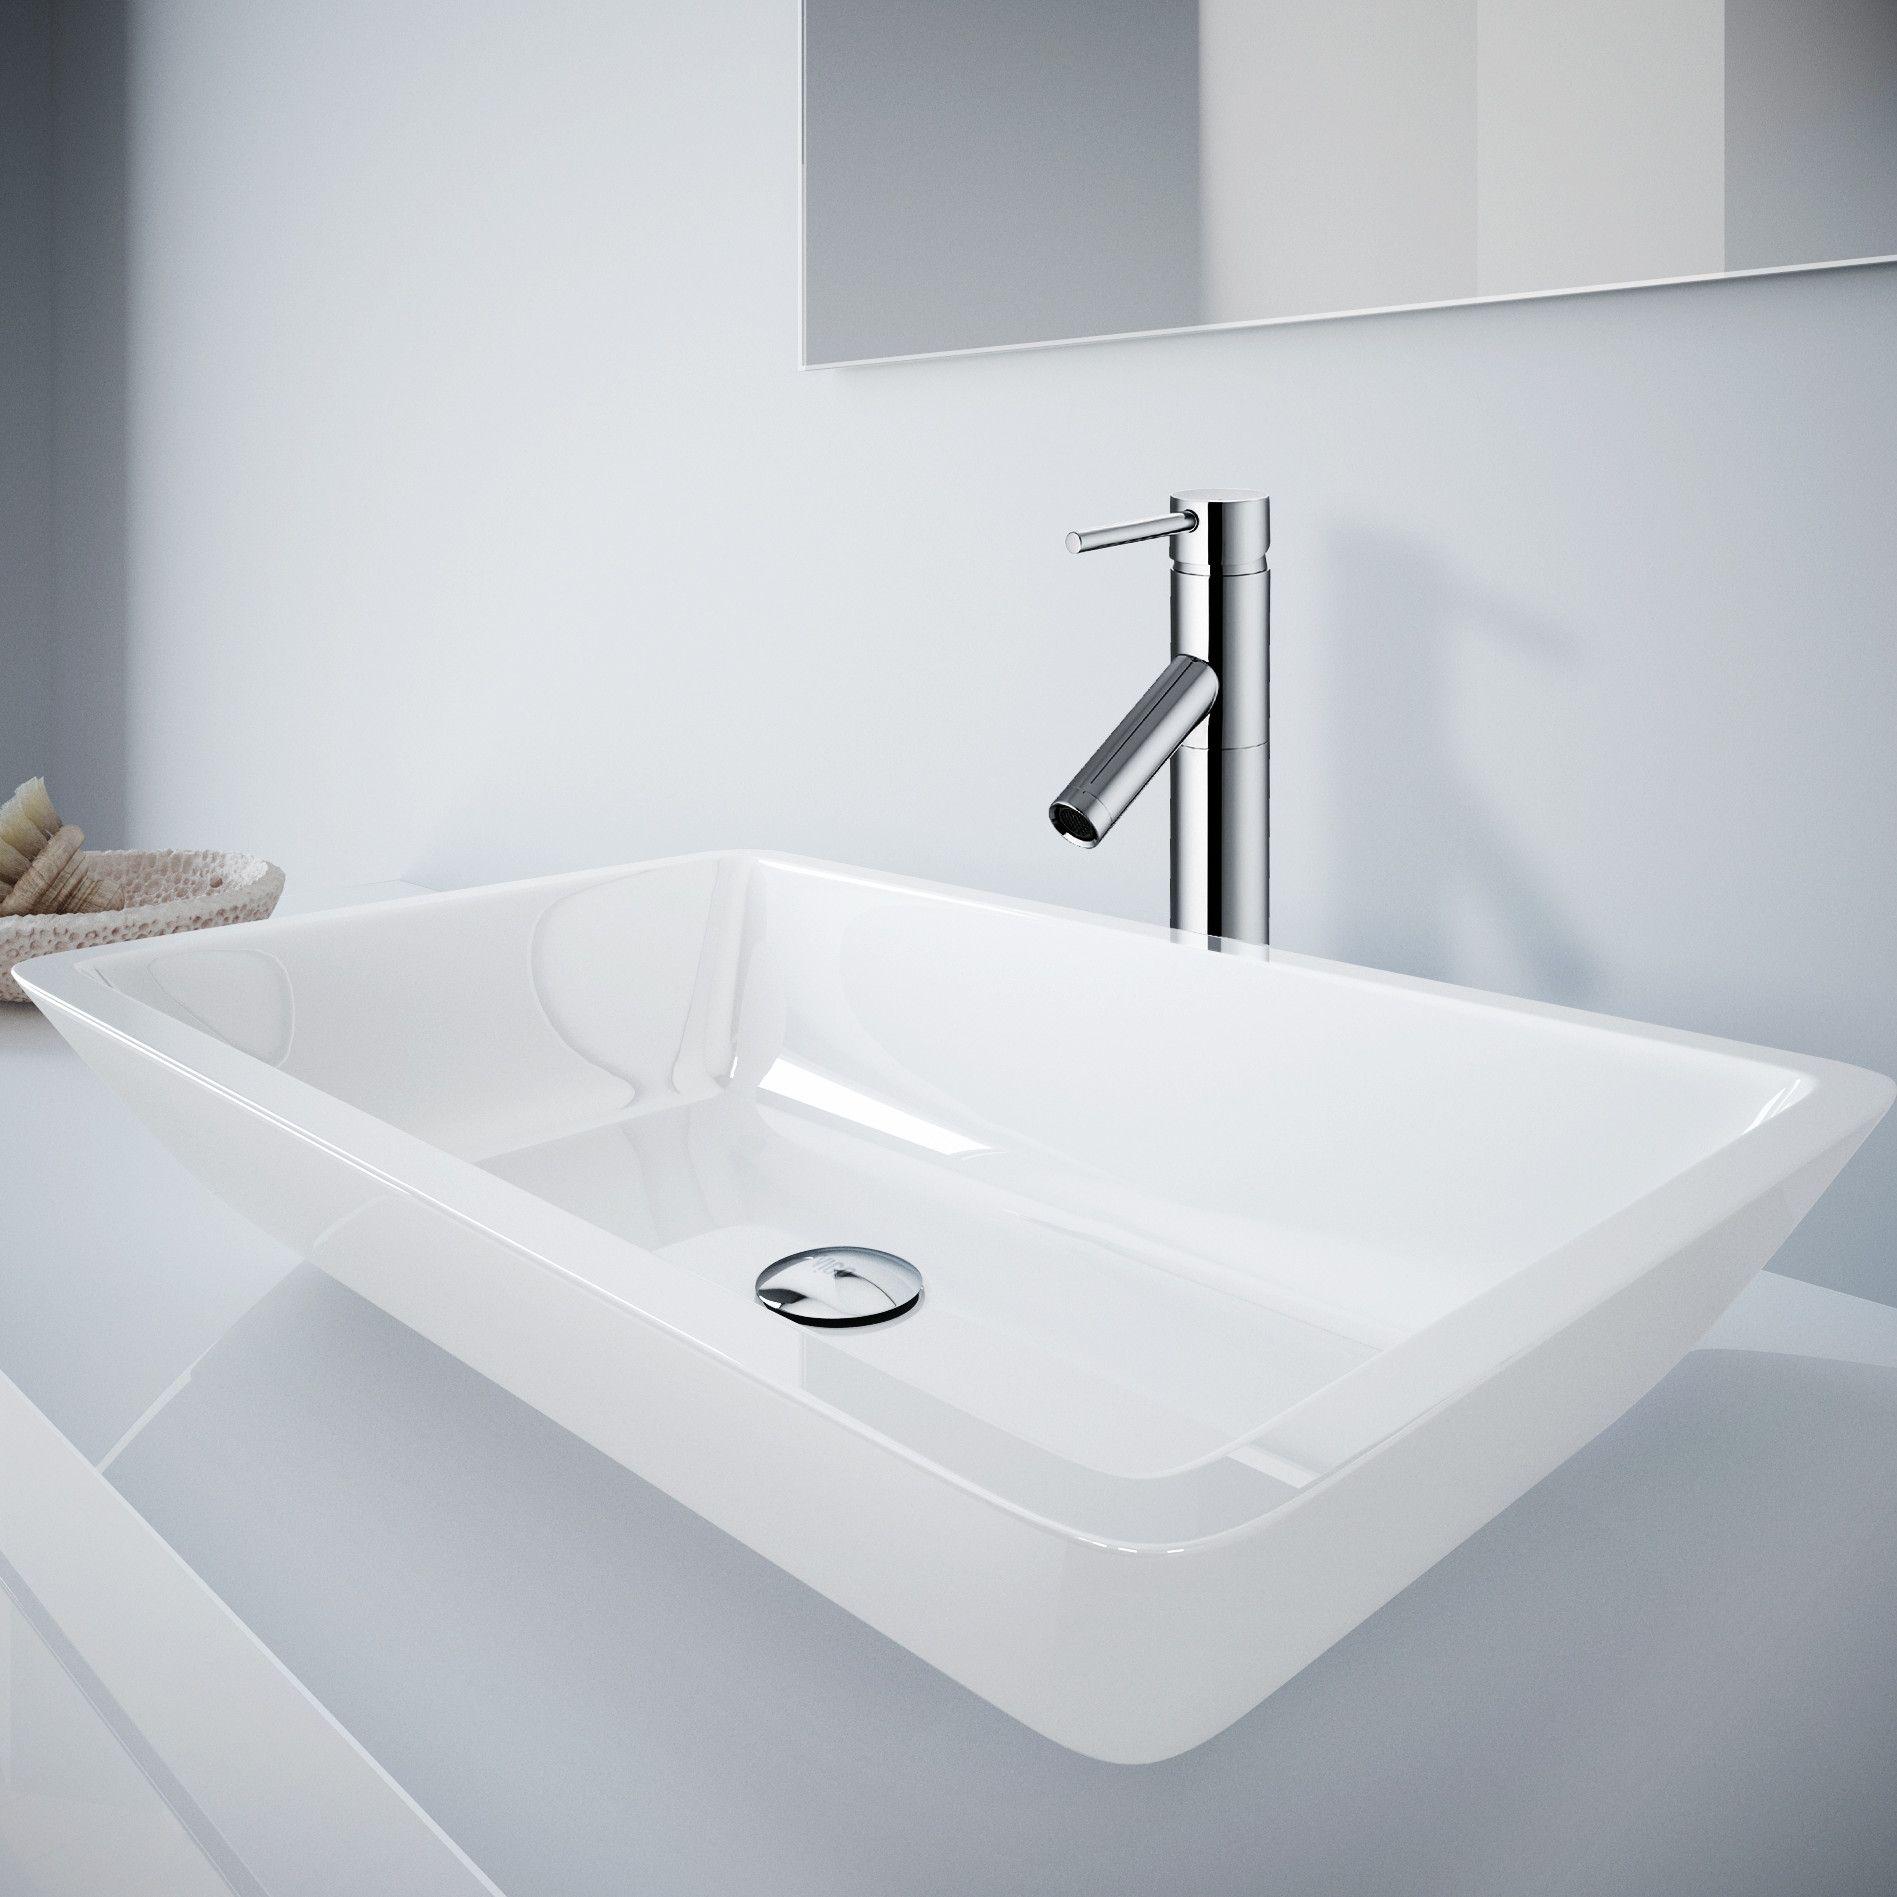 Top Bathroom Fixtures Walmart 2020 Details @house2homegoods.net